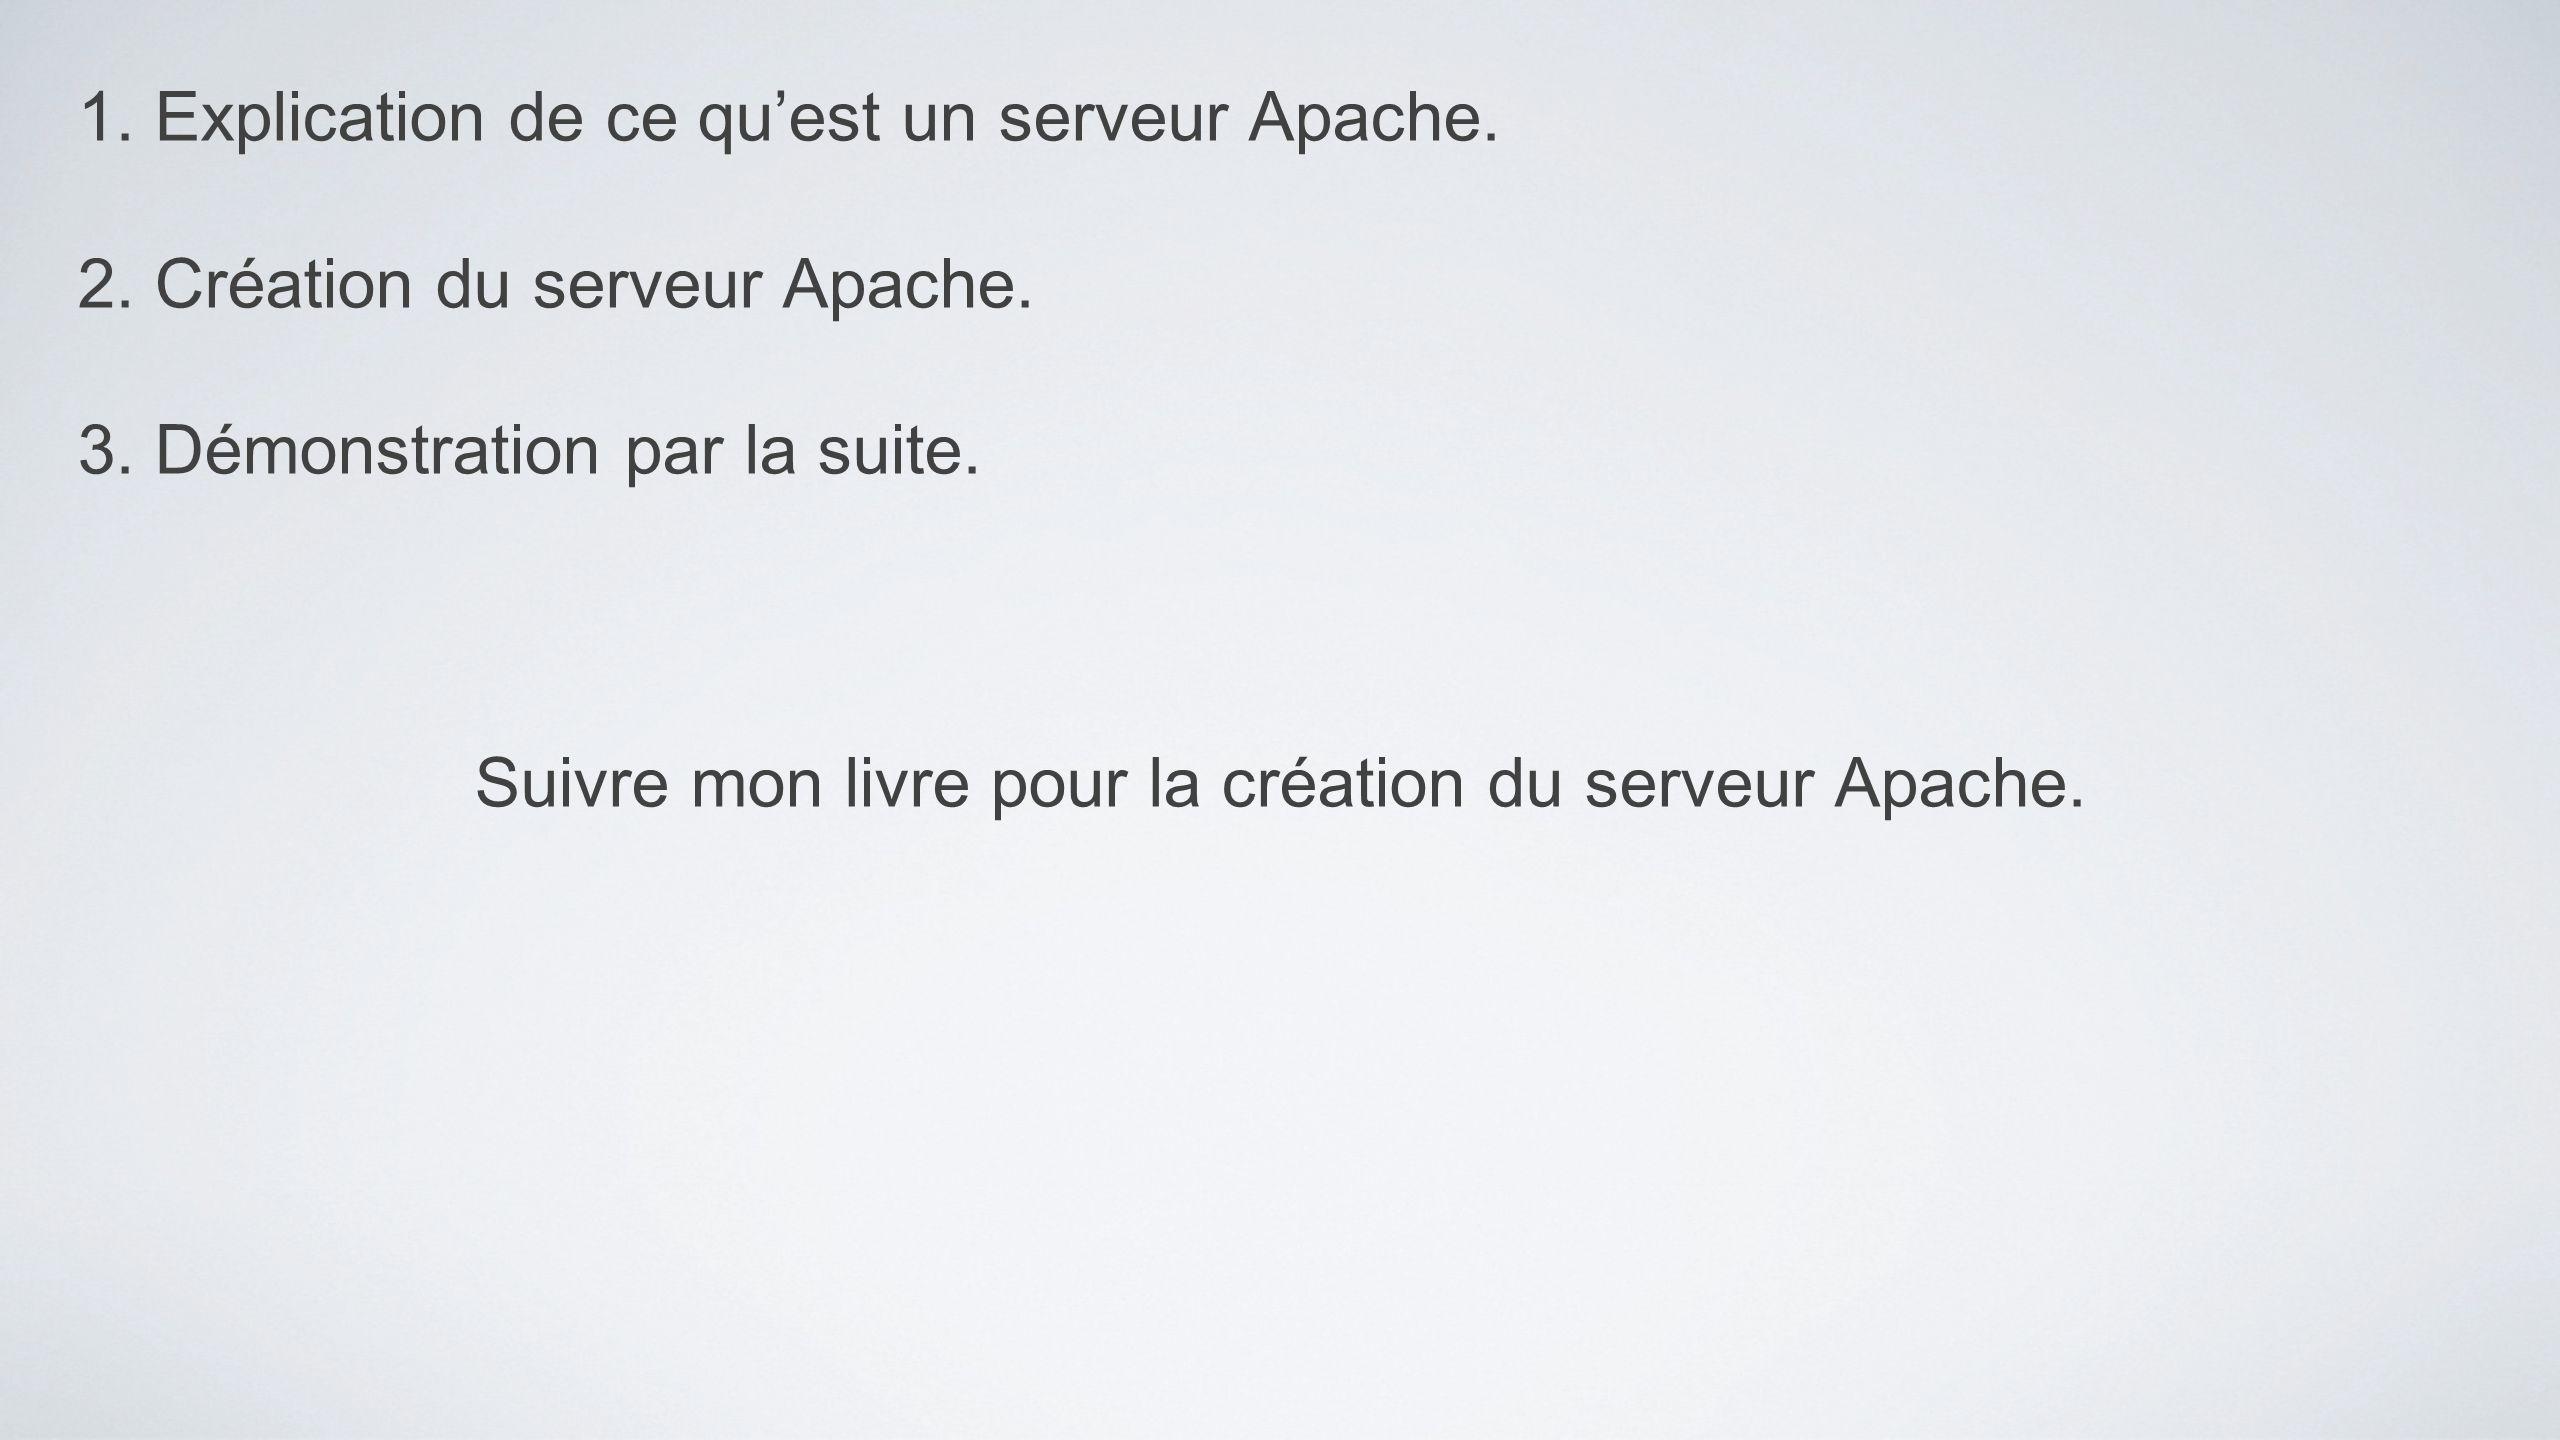 Suivre mon livre pour la création du serveur Apache.